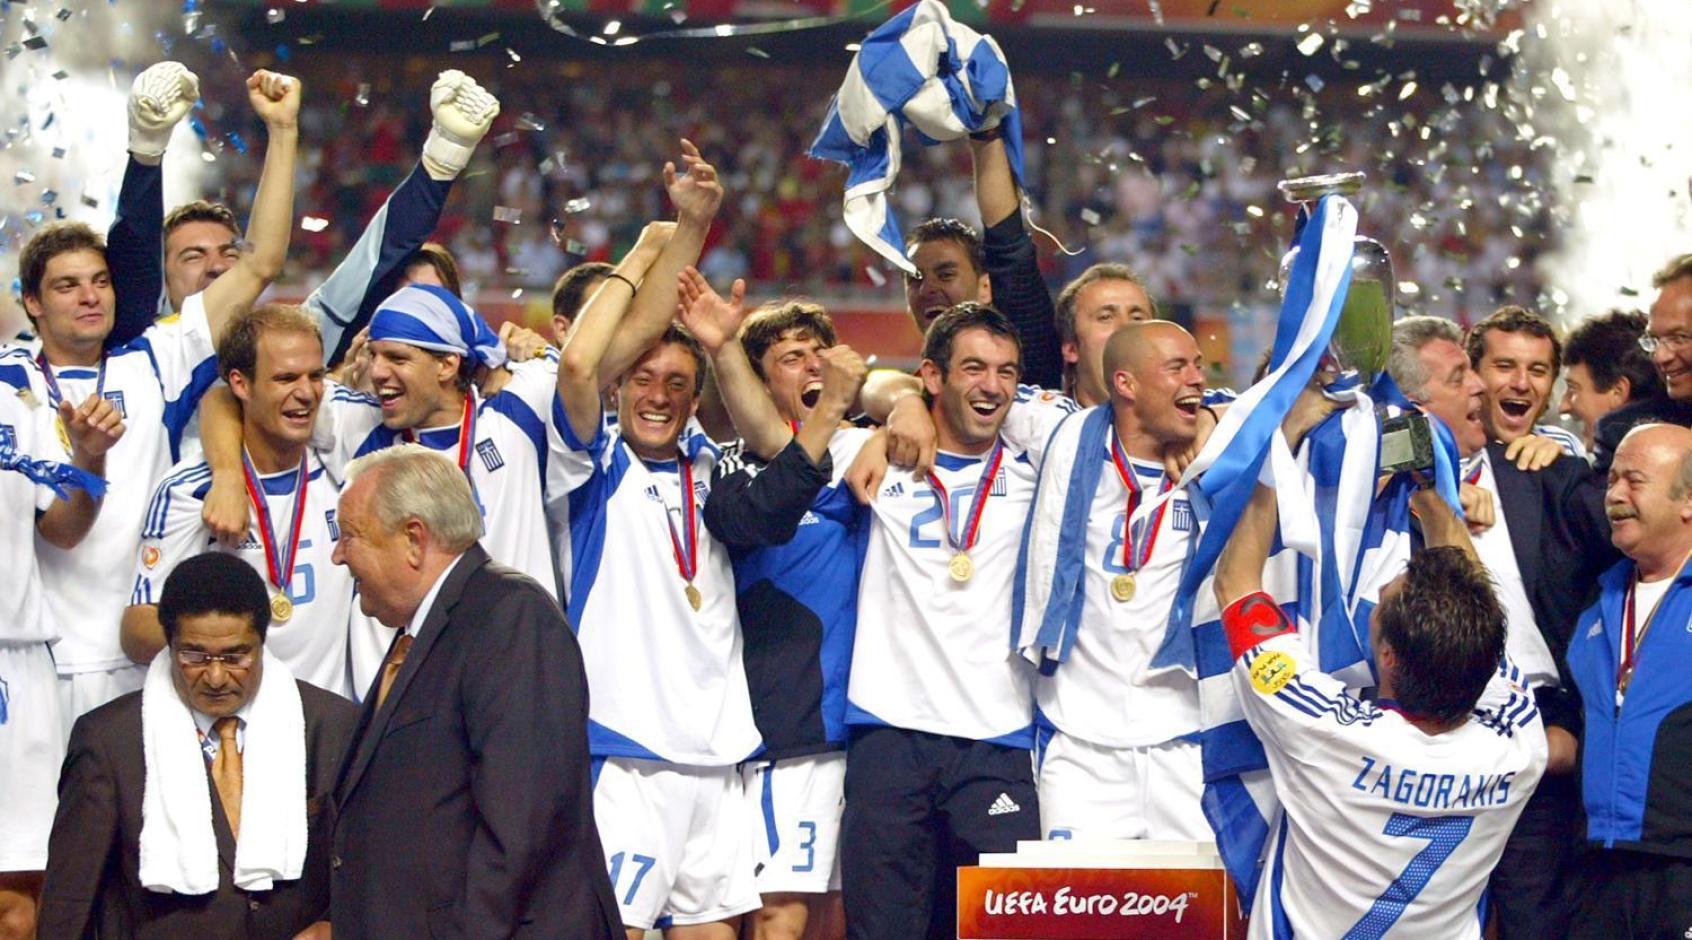 Пожарный, депутат Европарламента и владелец ресторана: как сложилась судьба игроков сборной Греции-2004